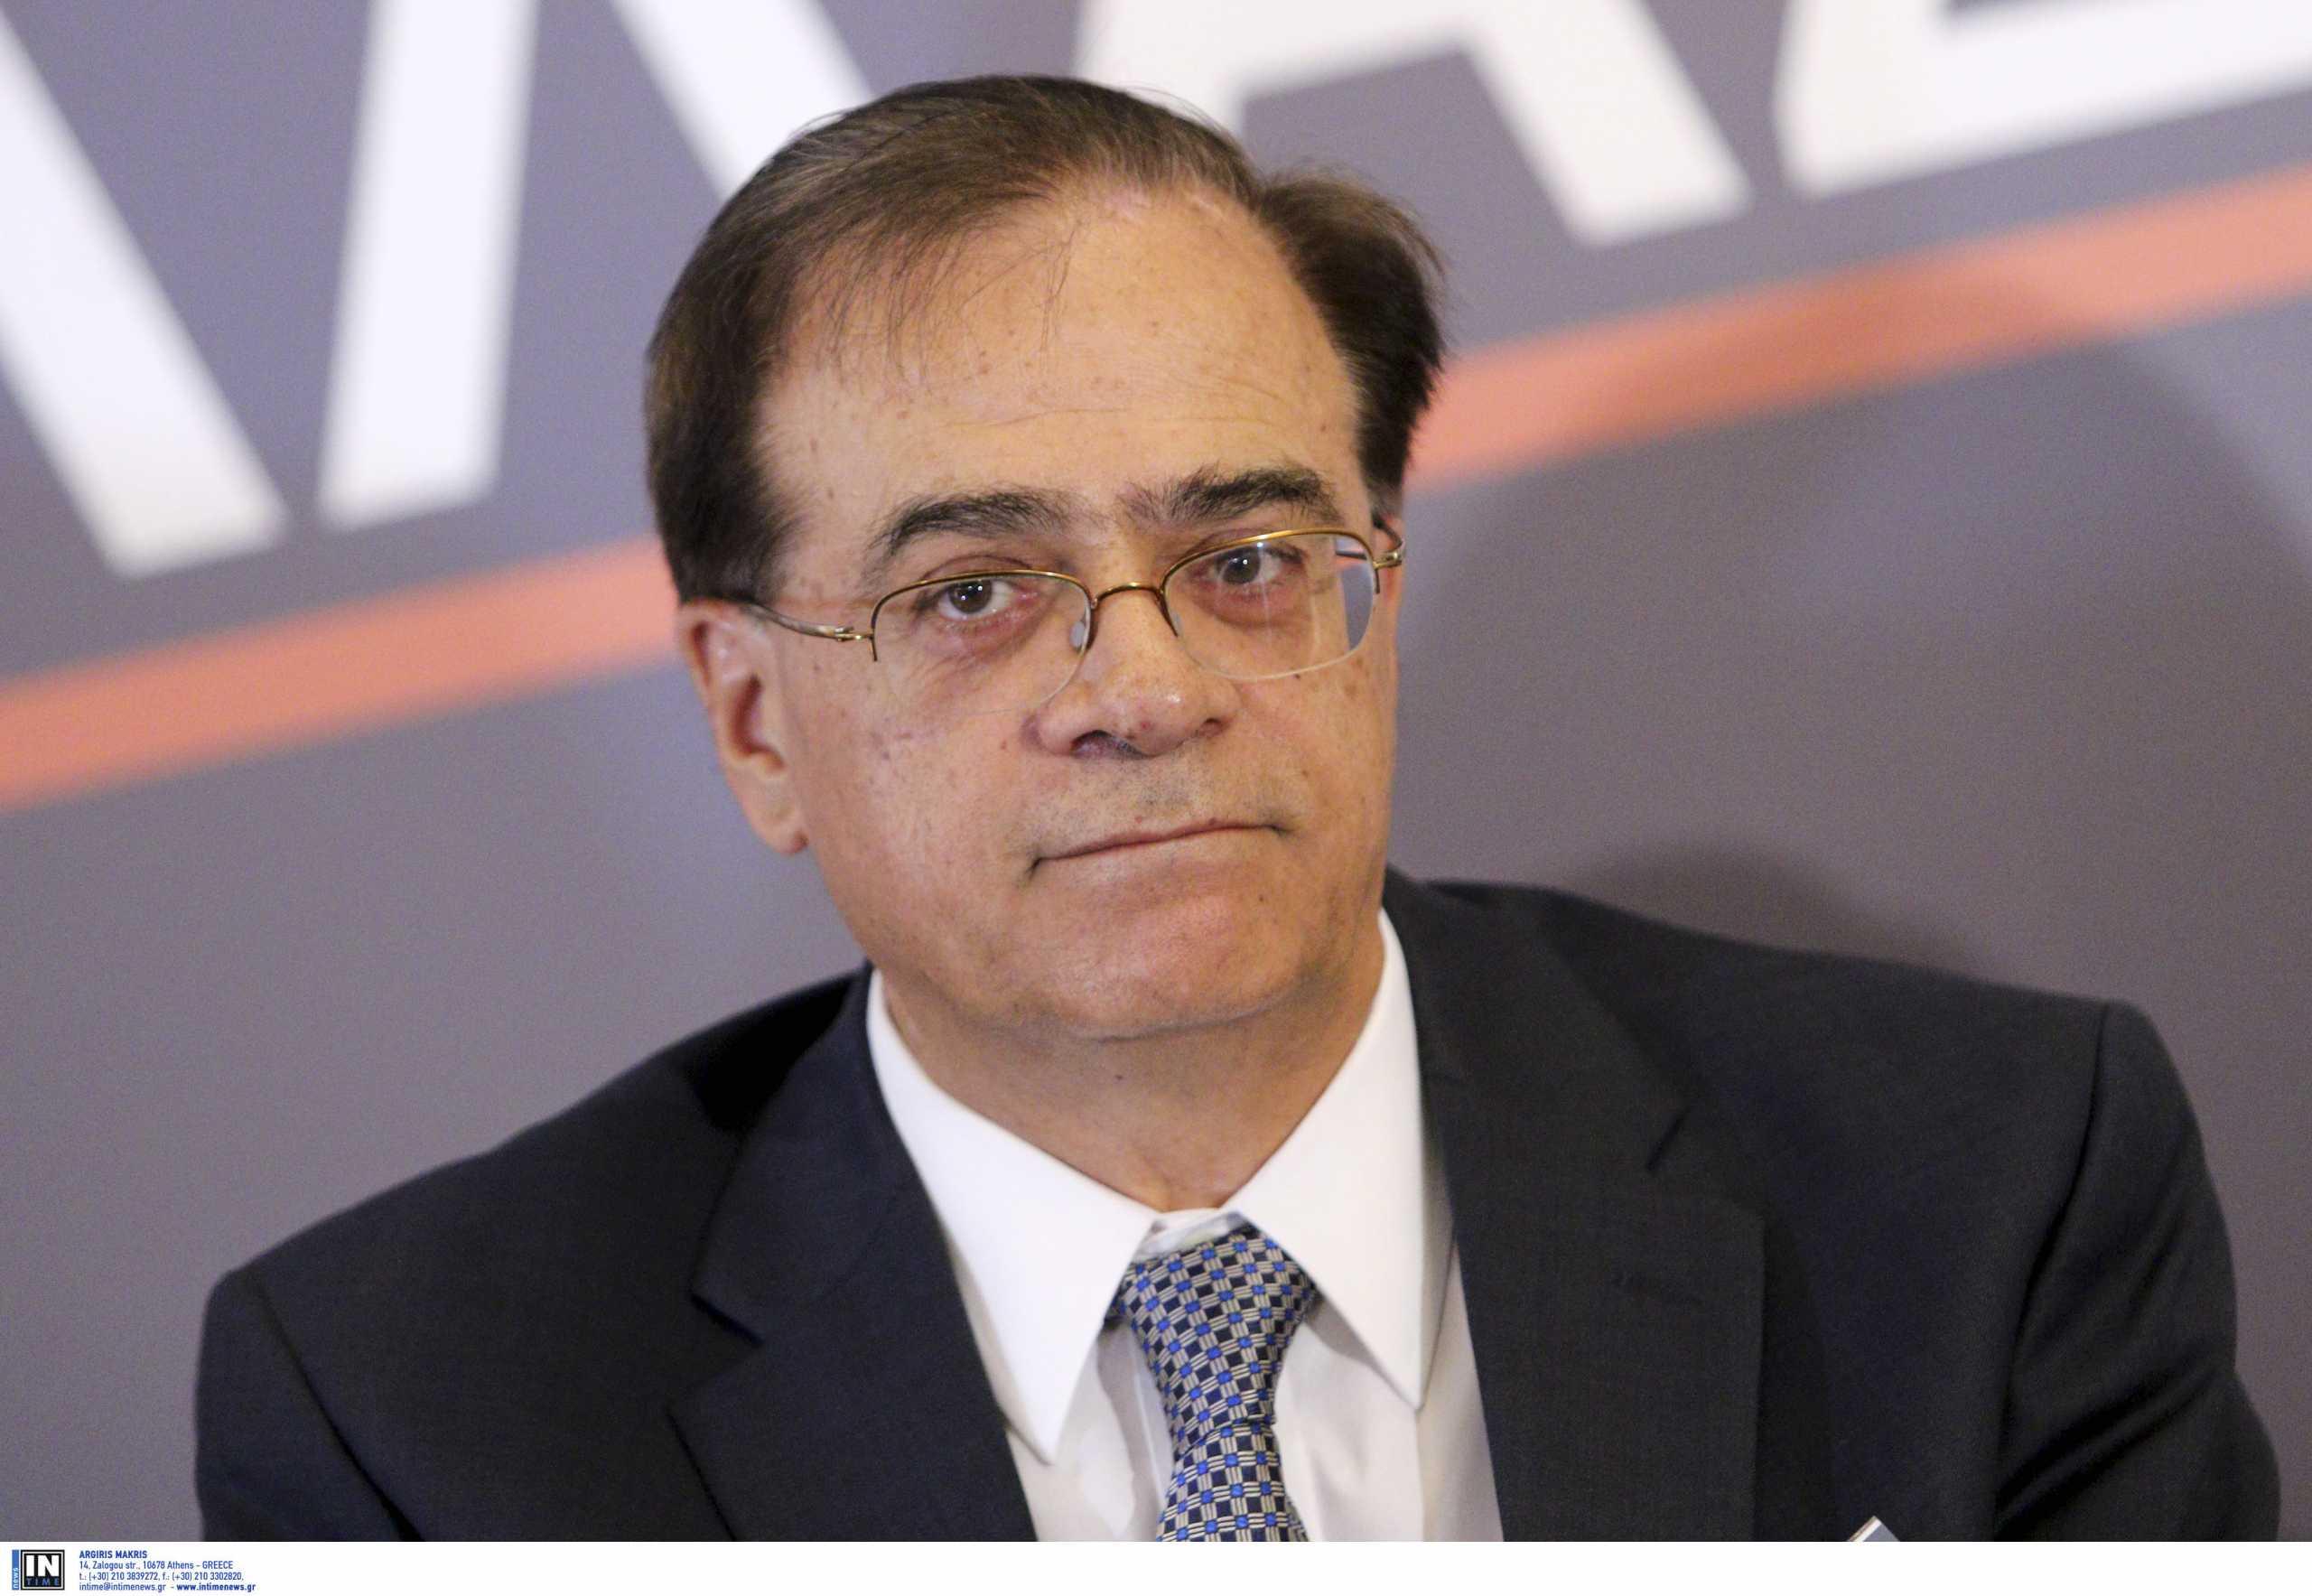 Εθνική Τράπεζα: Επίσημα νέος πρόεδρος ο Γκίκας Χαρδούβελης